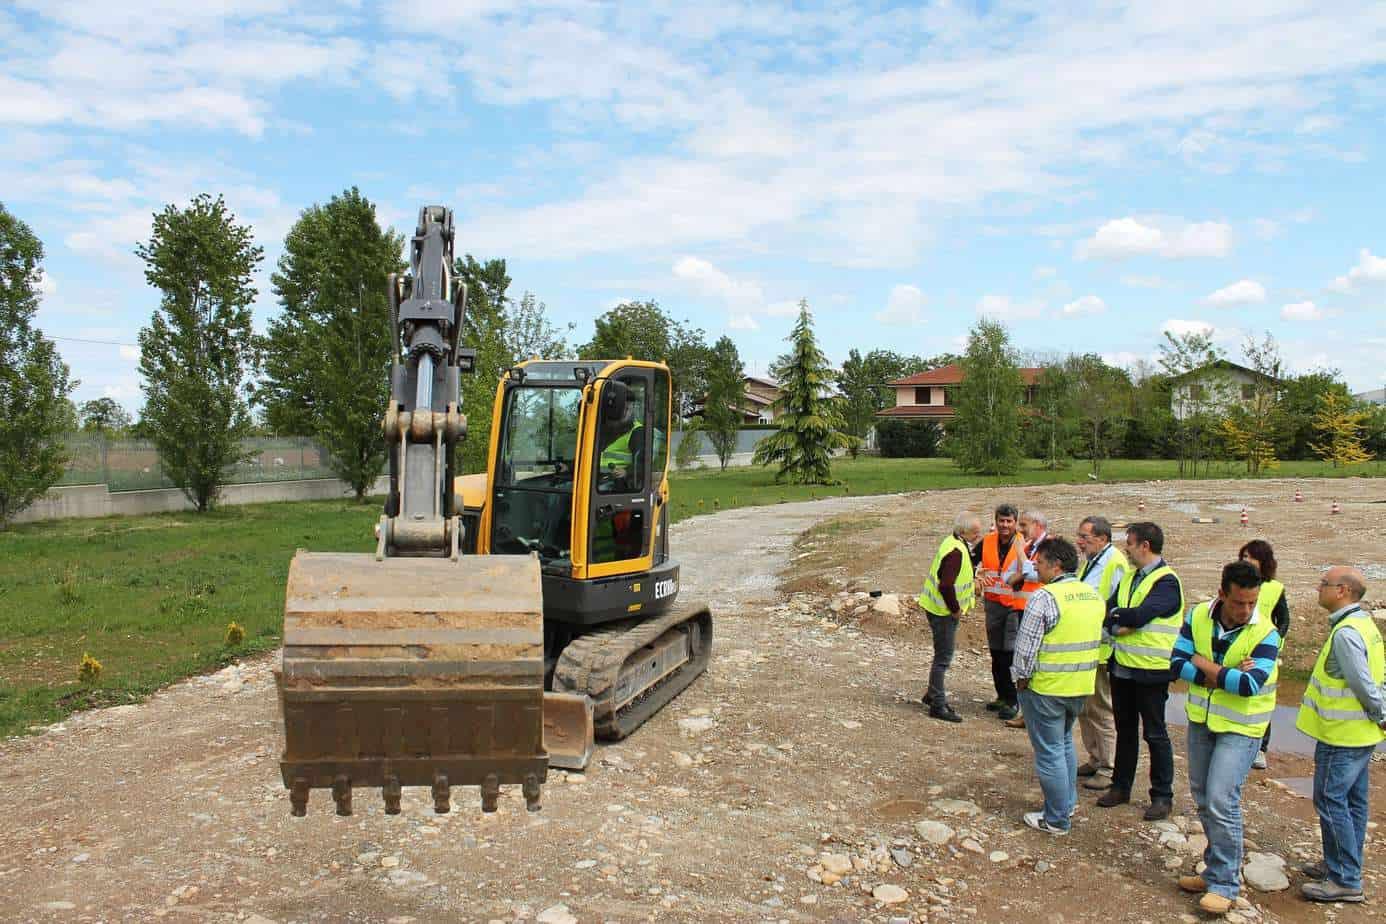 I Giornalisti specializzati attendono il loro turno per effettuare la prova pratica sull'escavatore Volvo